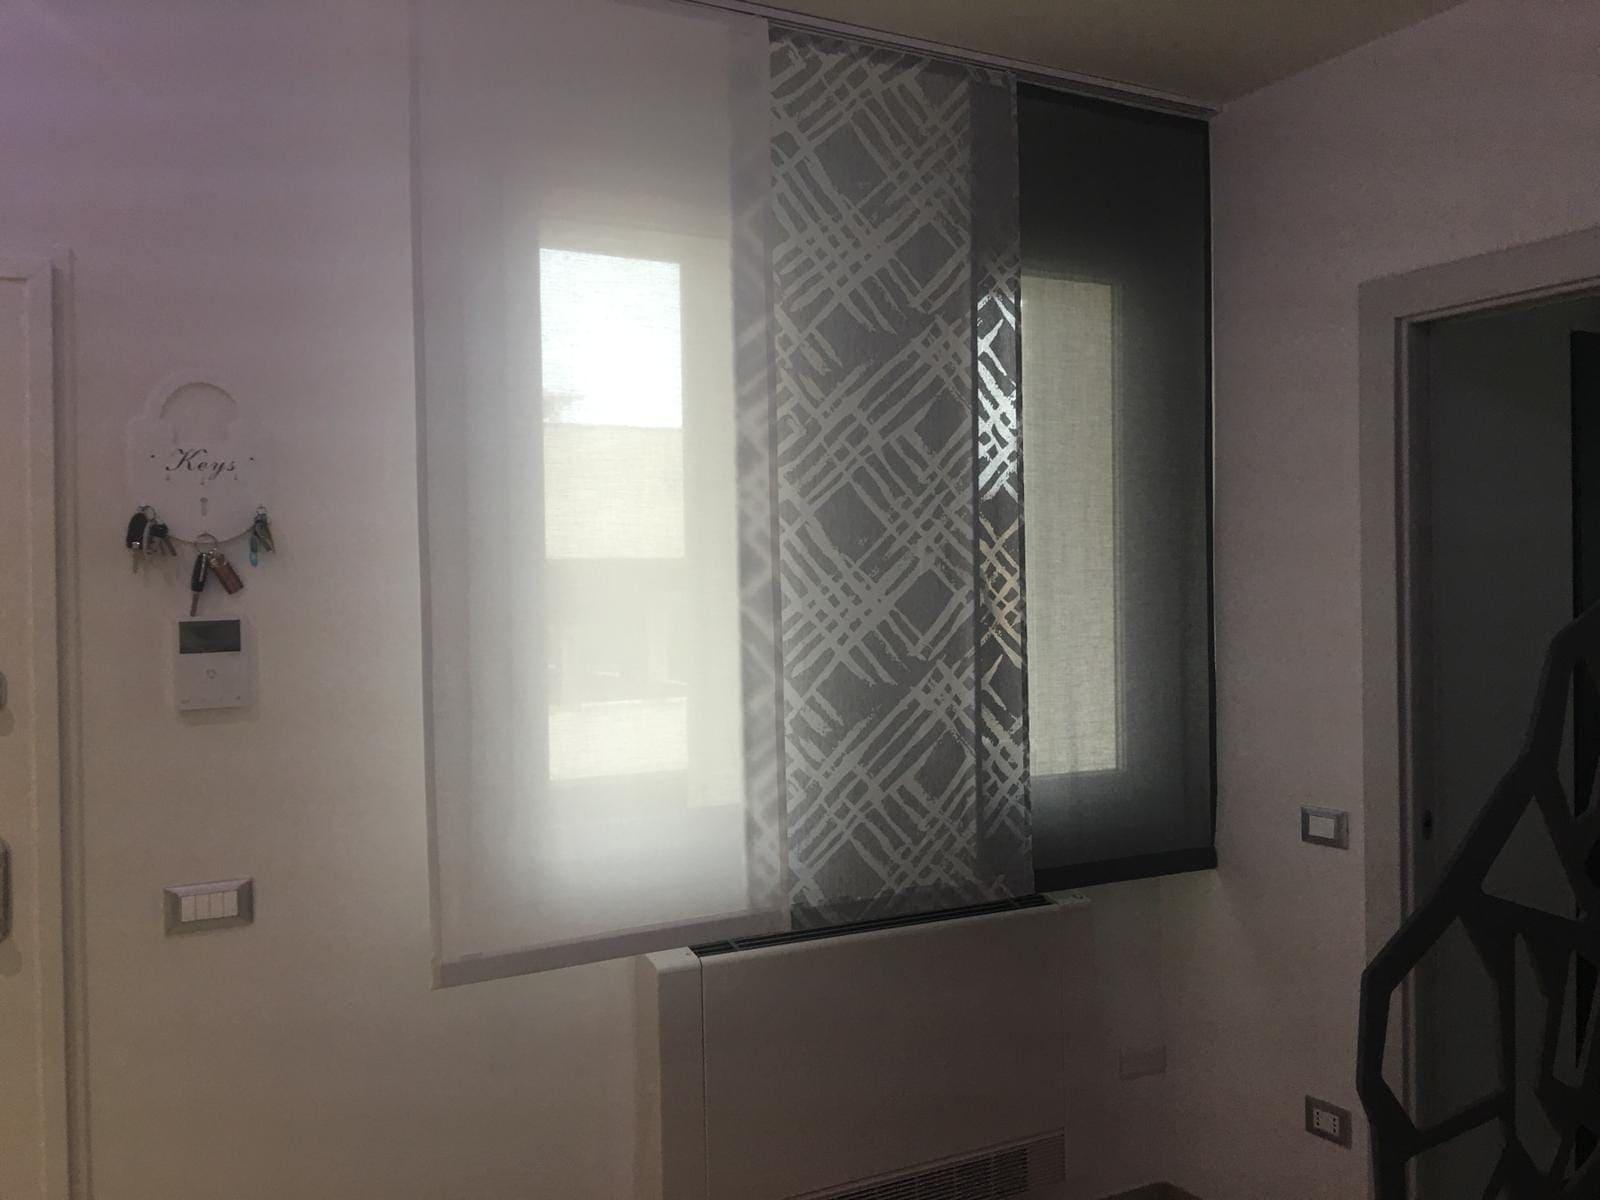 tende moderne a pannelli corti per finestra